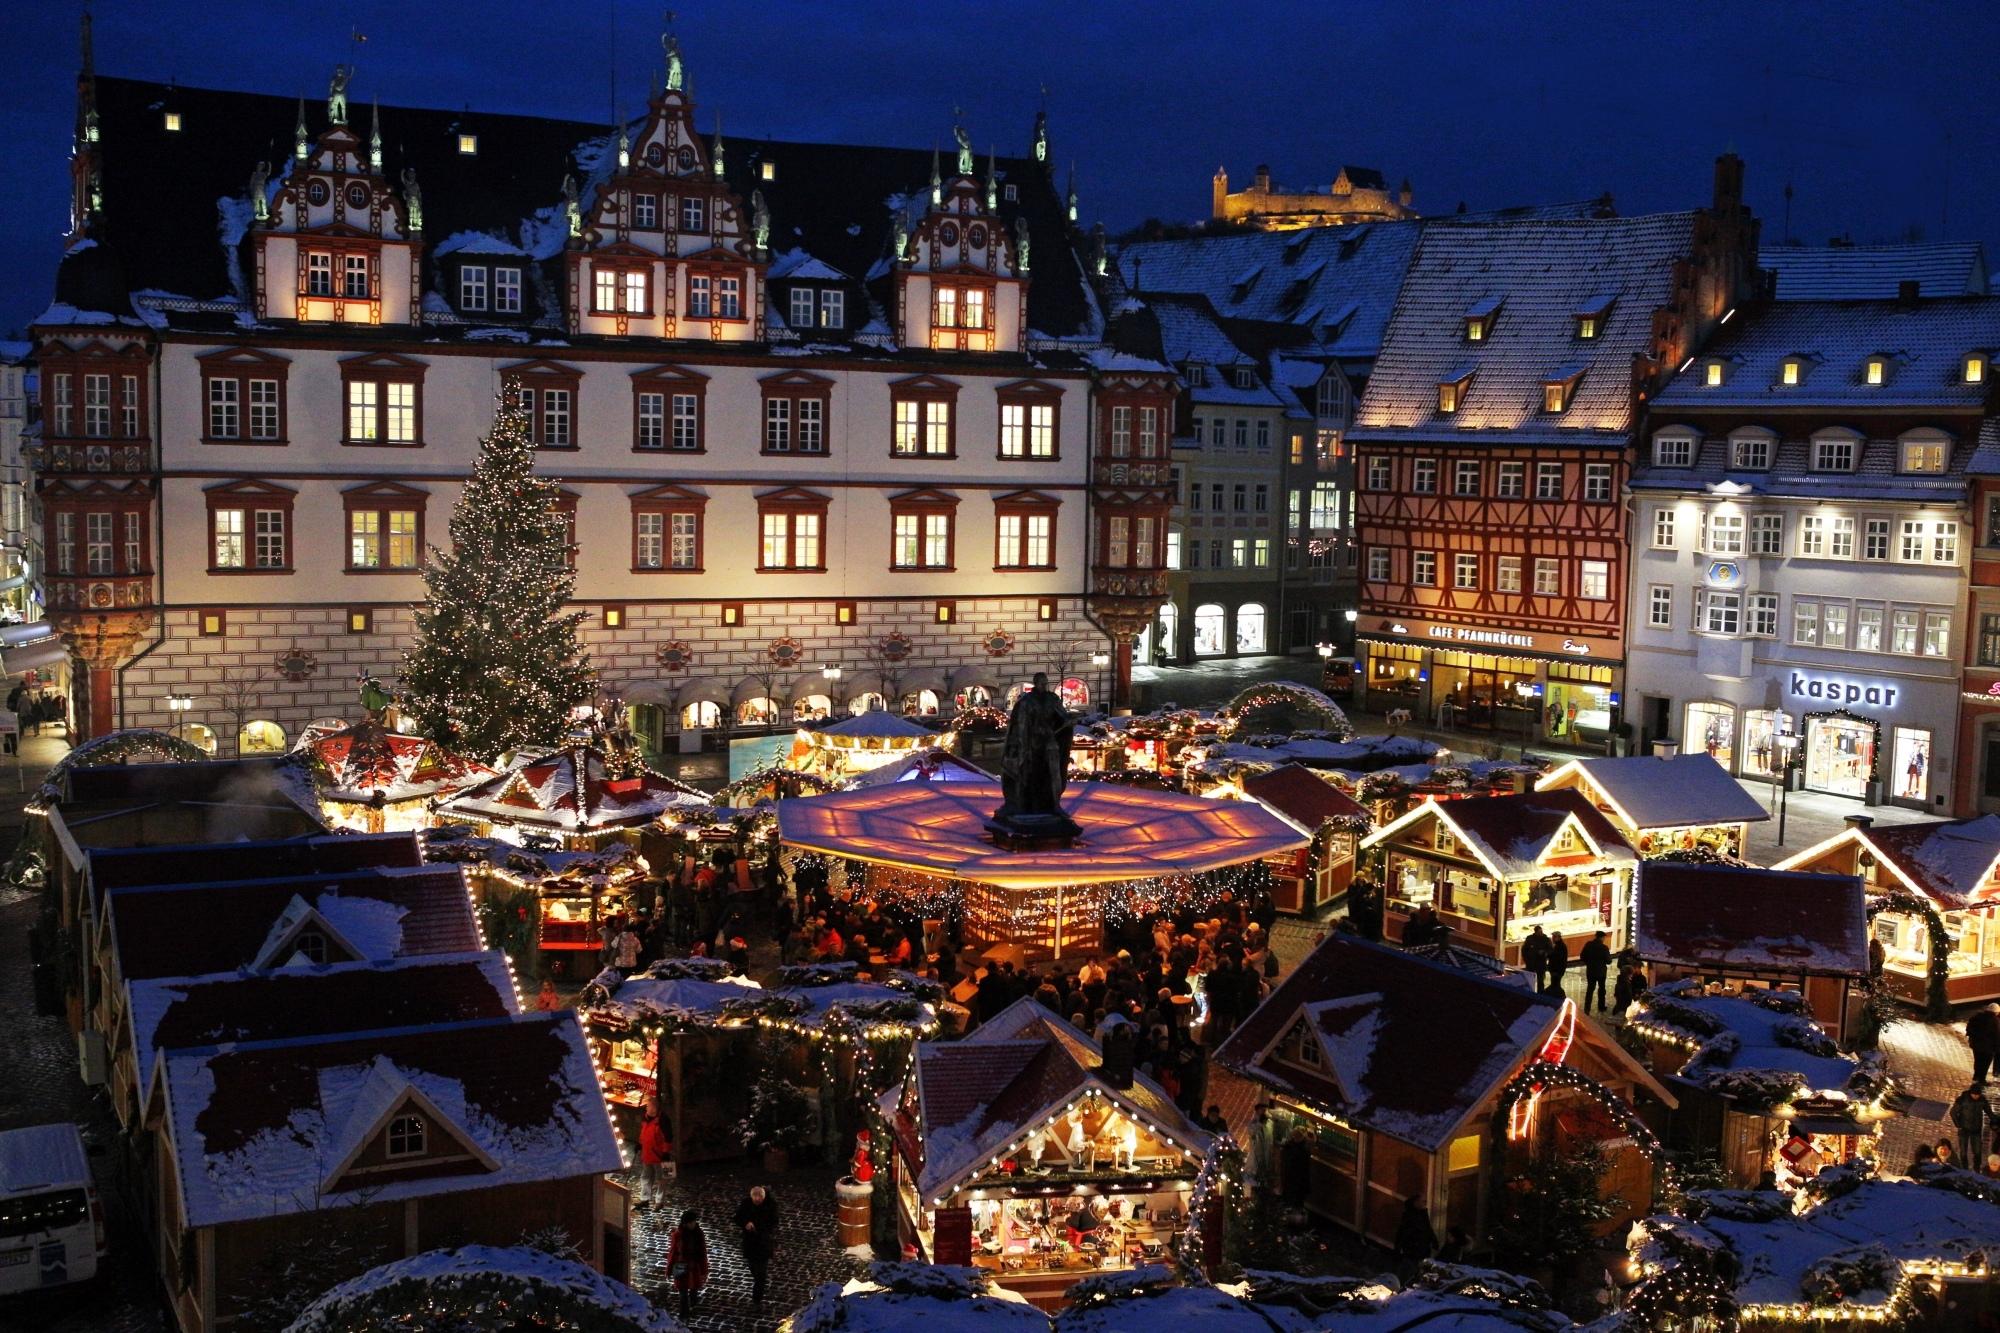 Weihnachtsmarkt_Coburg_mit_VestecHRosenbusch